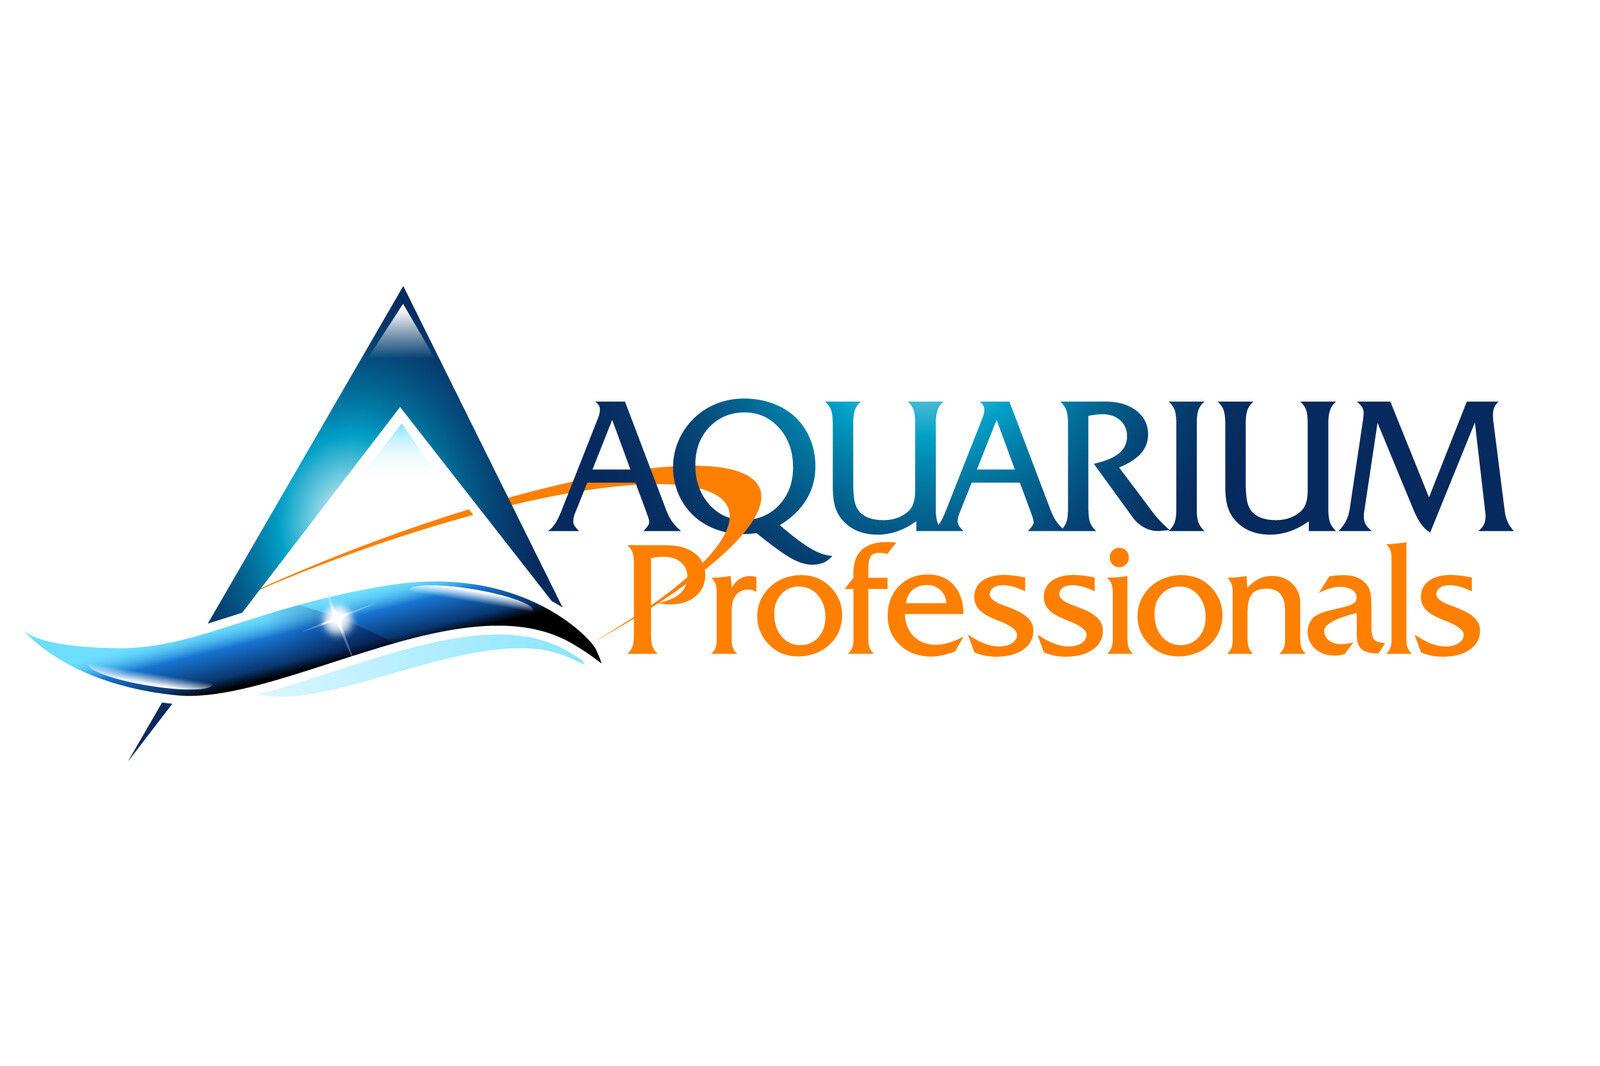 Aquarium Professionals